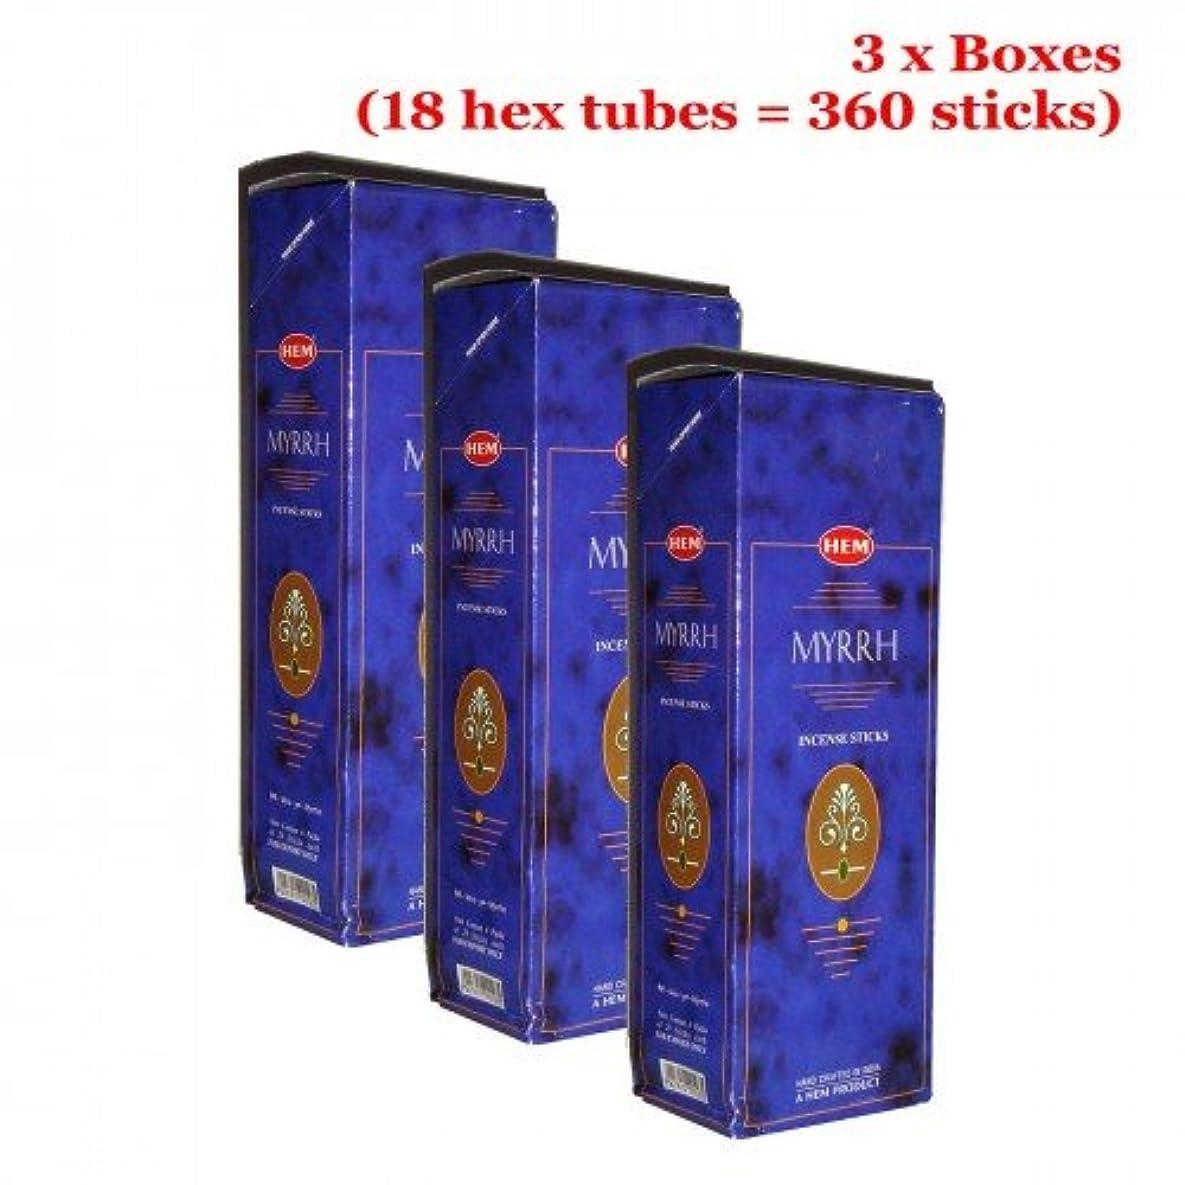 平等木製寝てるHemミルラ香、3ボックス – (360 Sticksバルクper order)